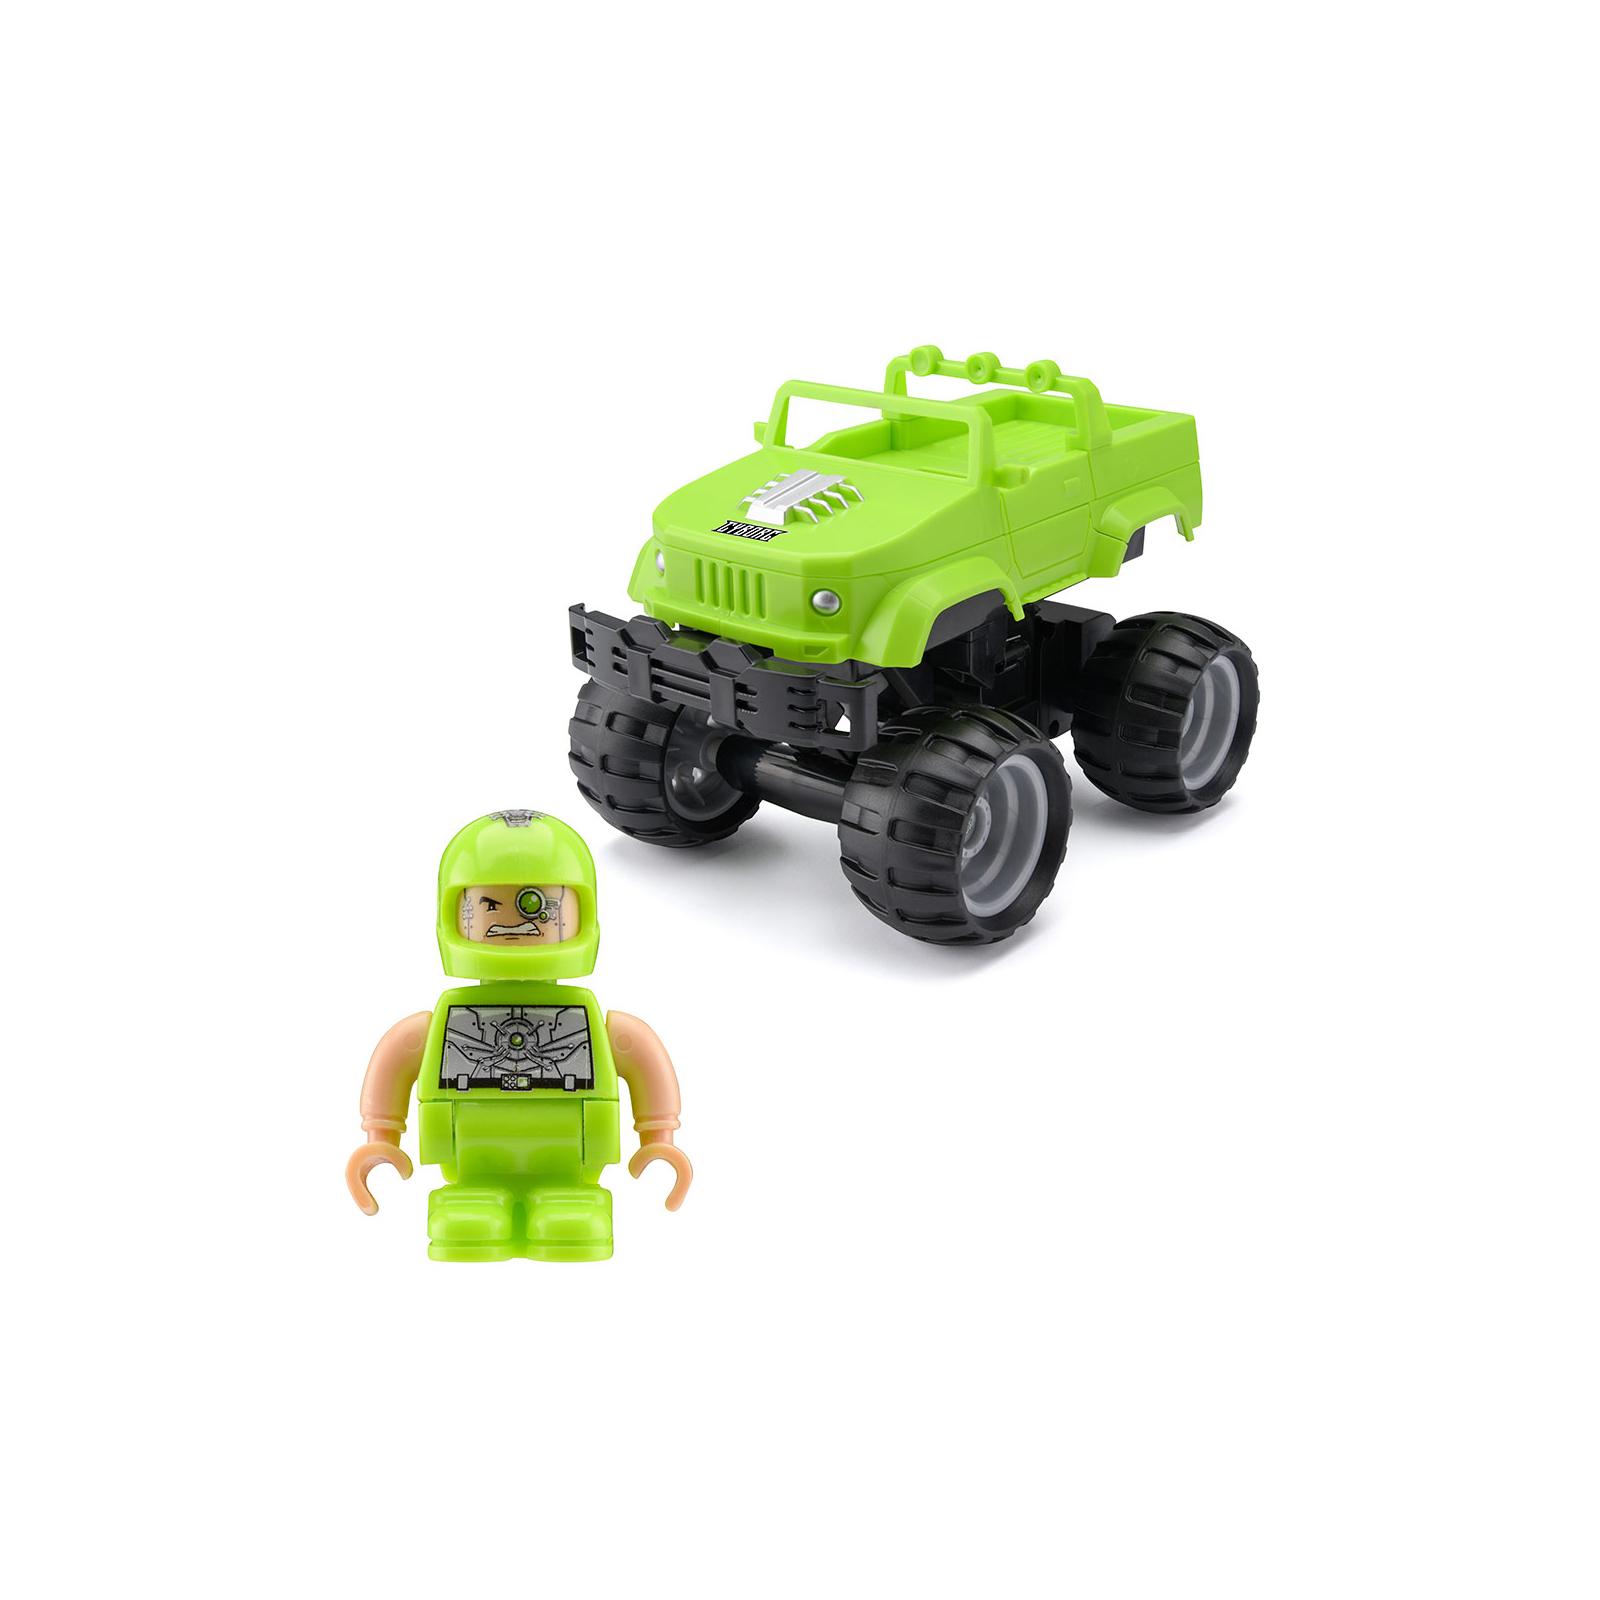 Радиоуправляемая игрушка Monster Smash-Ups Crash Car S2 Киборг Зеленый (TY6082A)